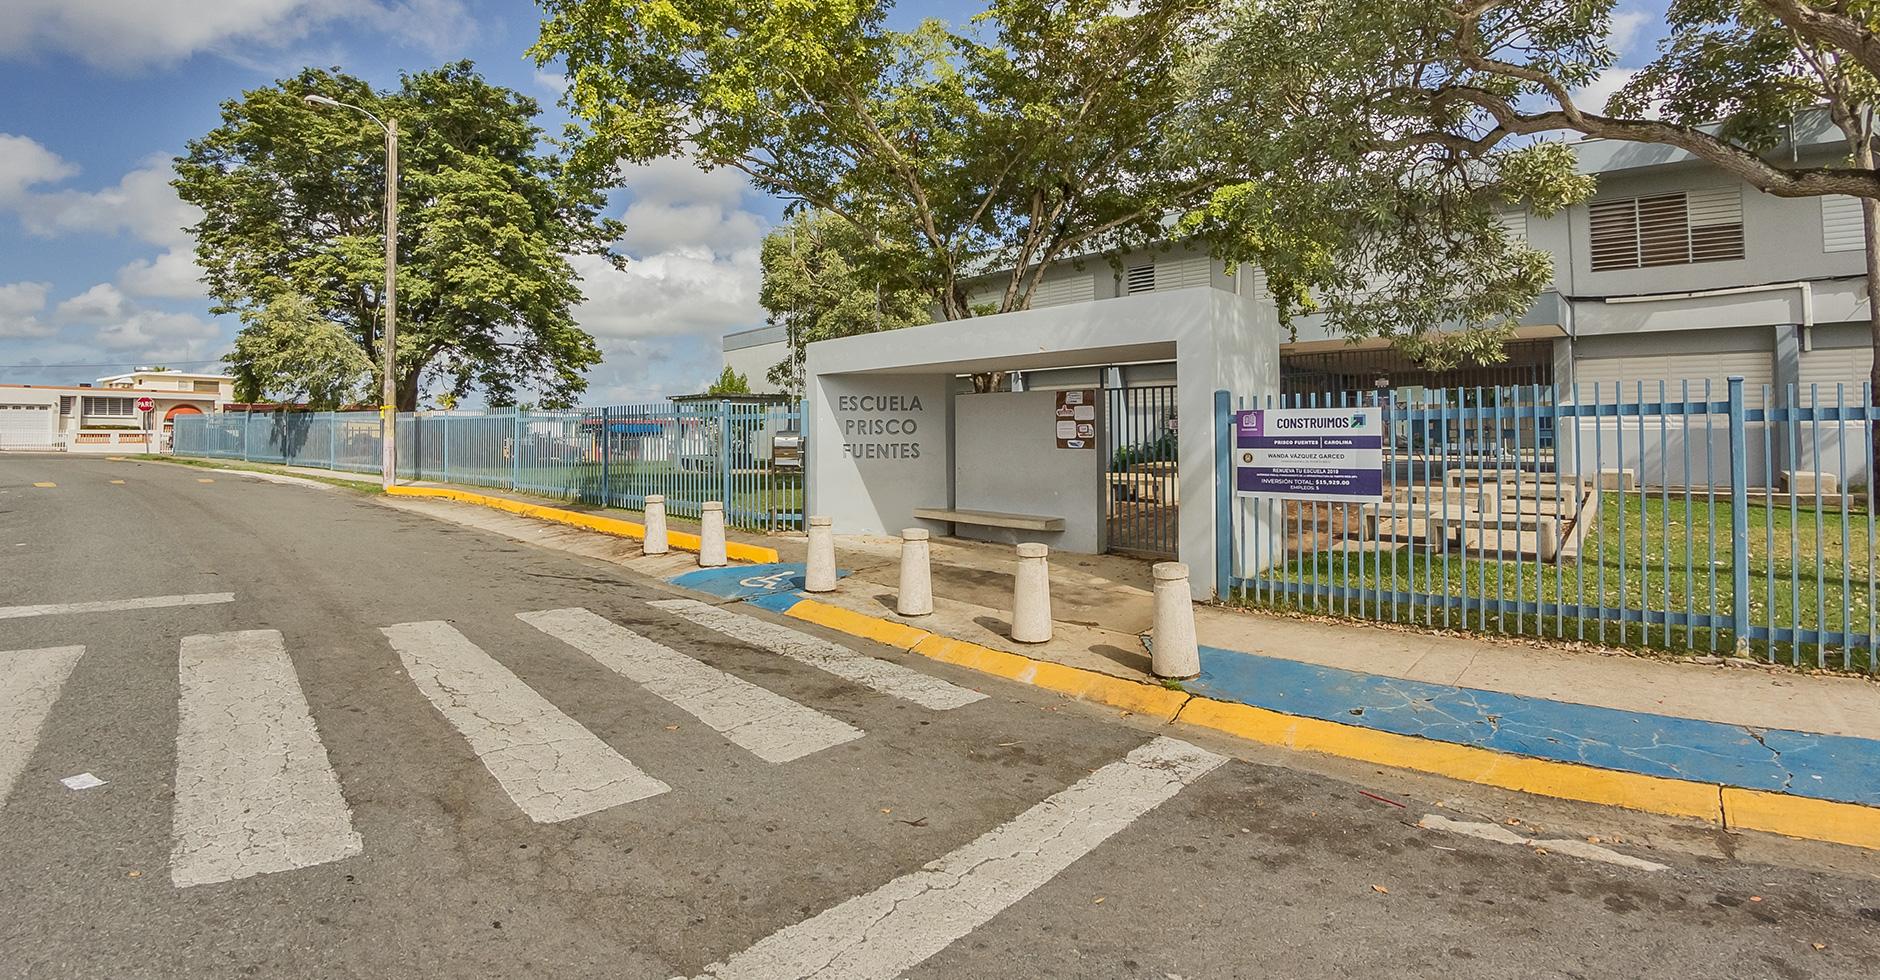 Escuela Prisco Fuentes